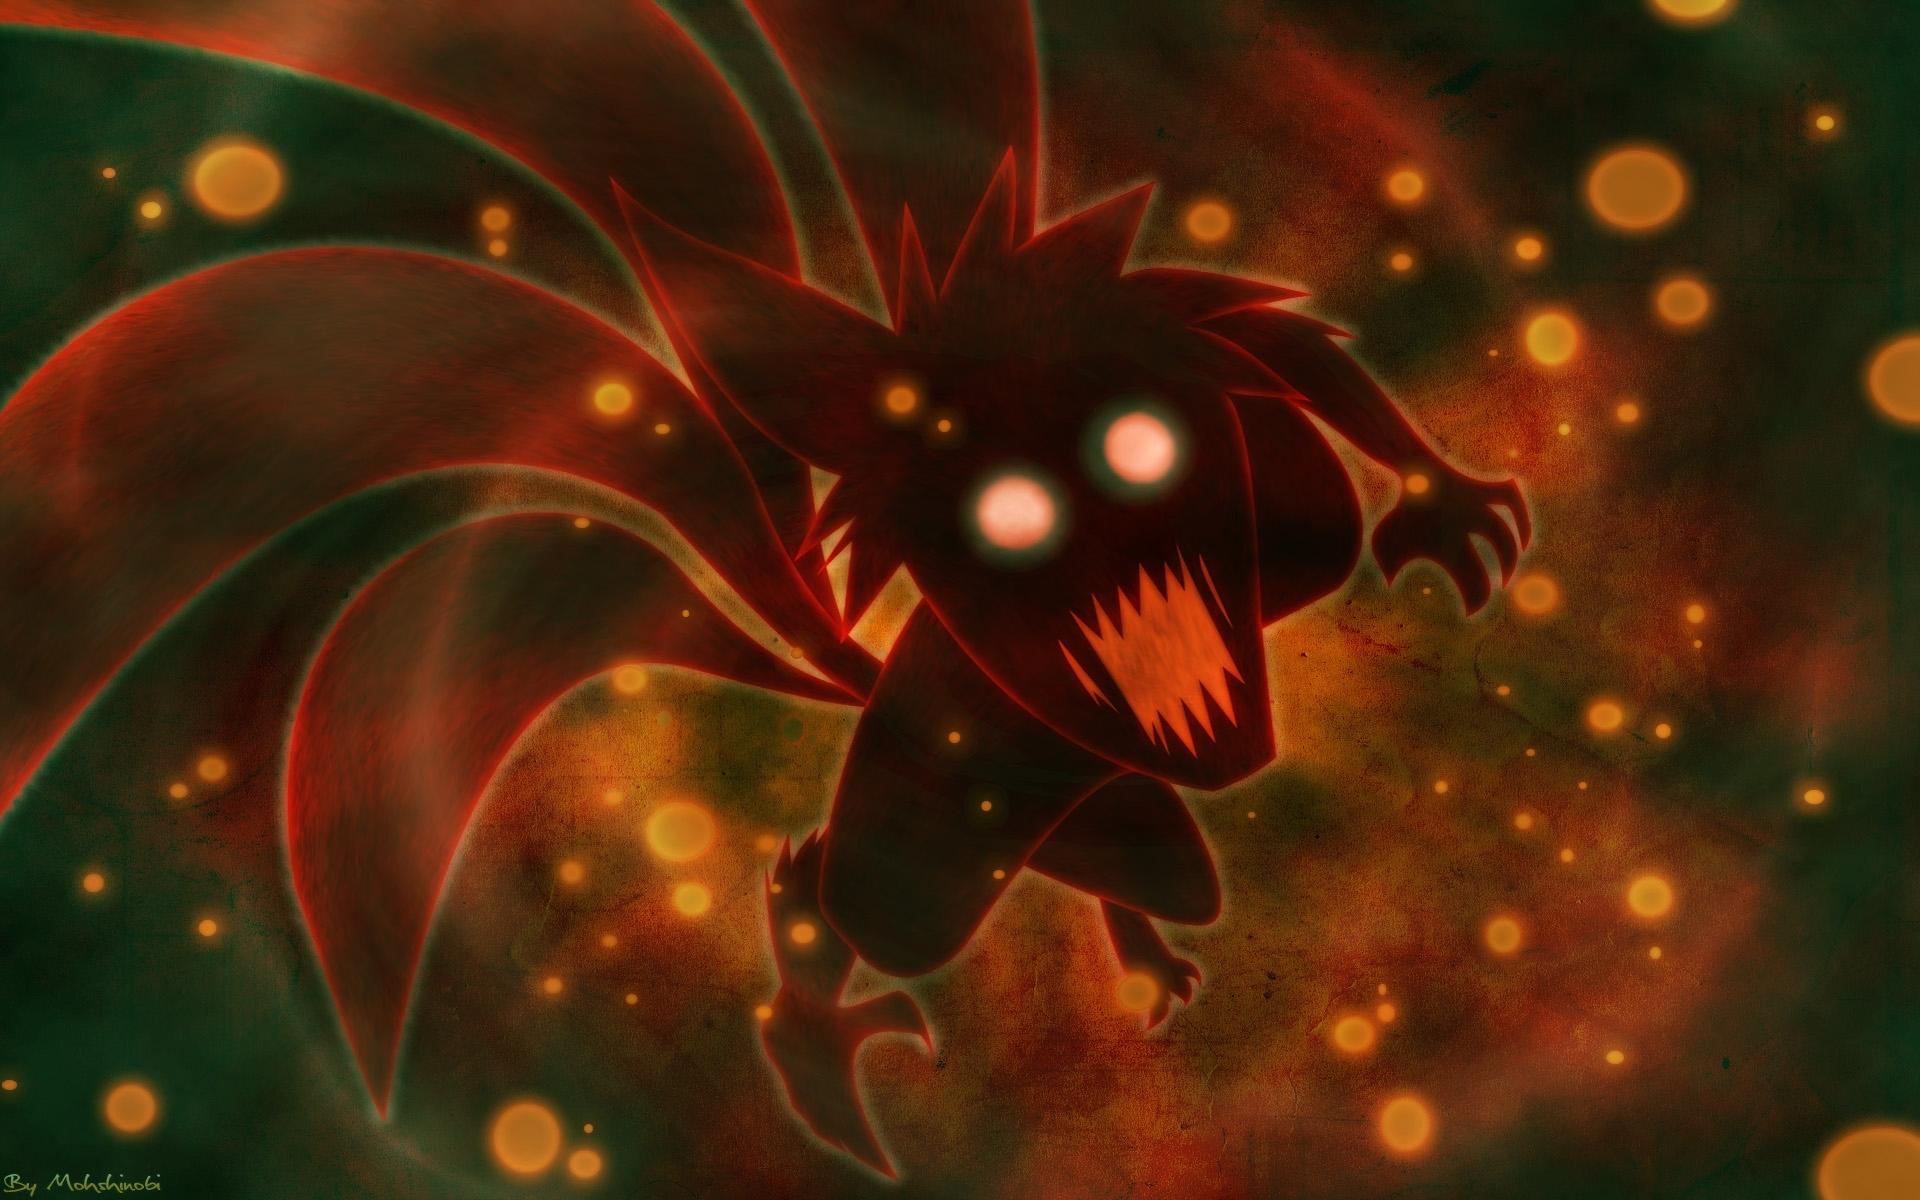 6344 descargar fondo de pantalla Anime: protectores de pantalla e imágenes gratis